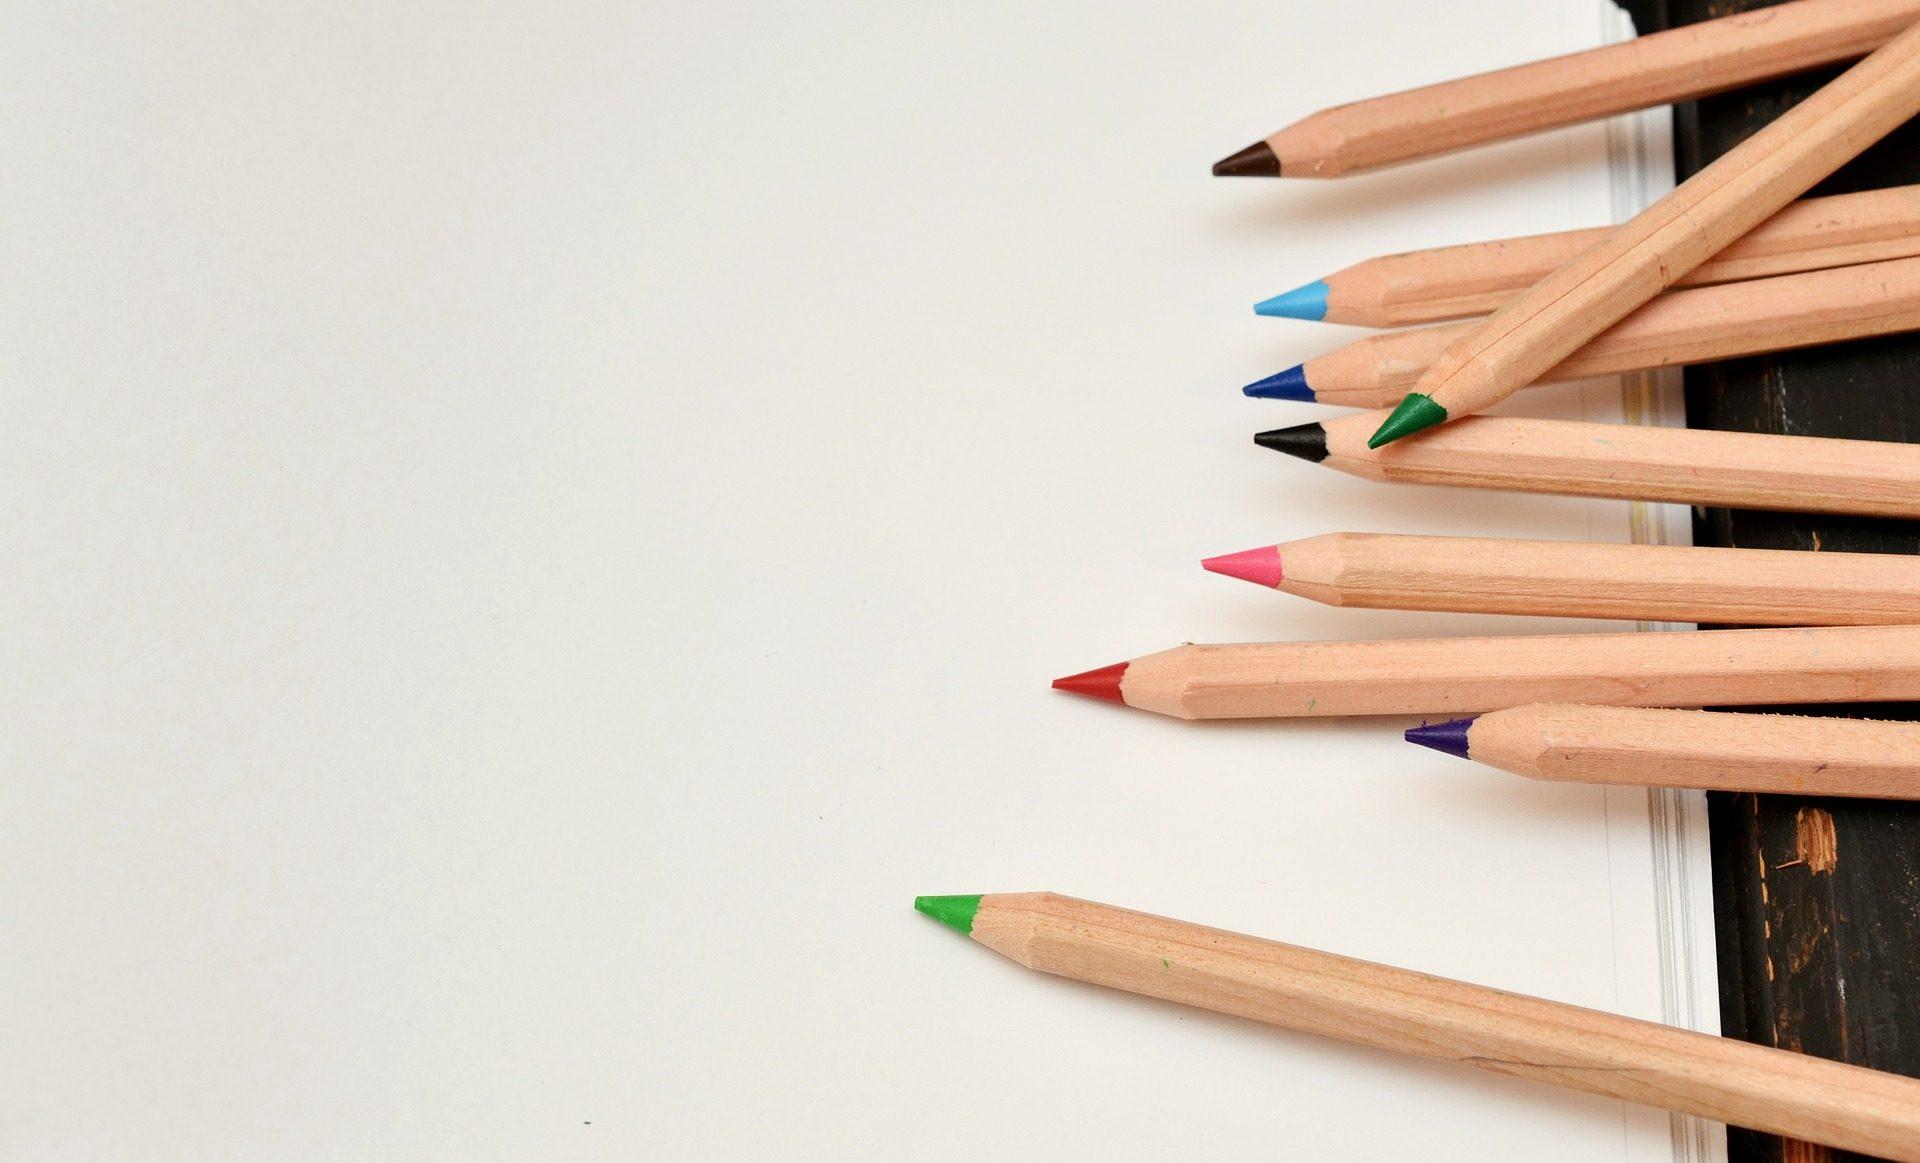 Matite, colori, legno, carta, foglie - Sfondi HD - Professor-falken.com